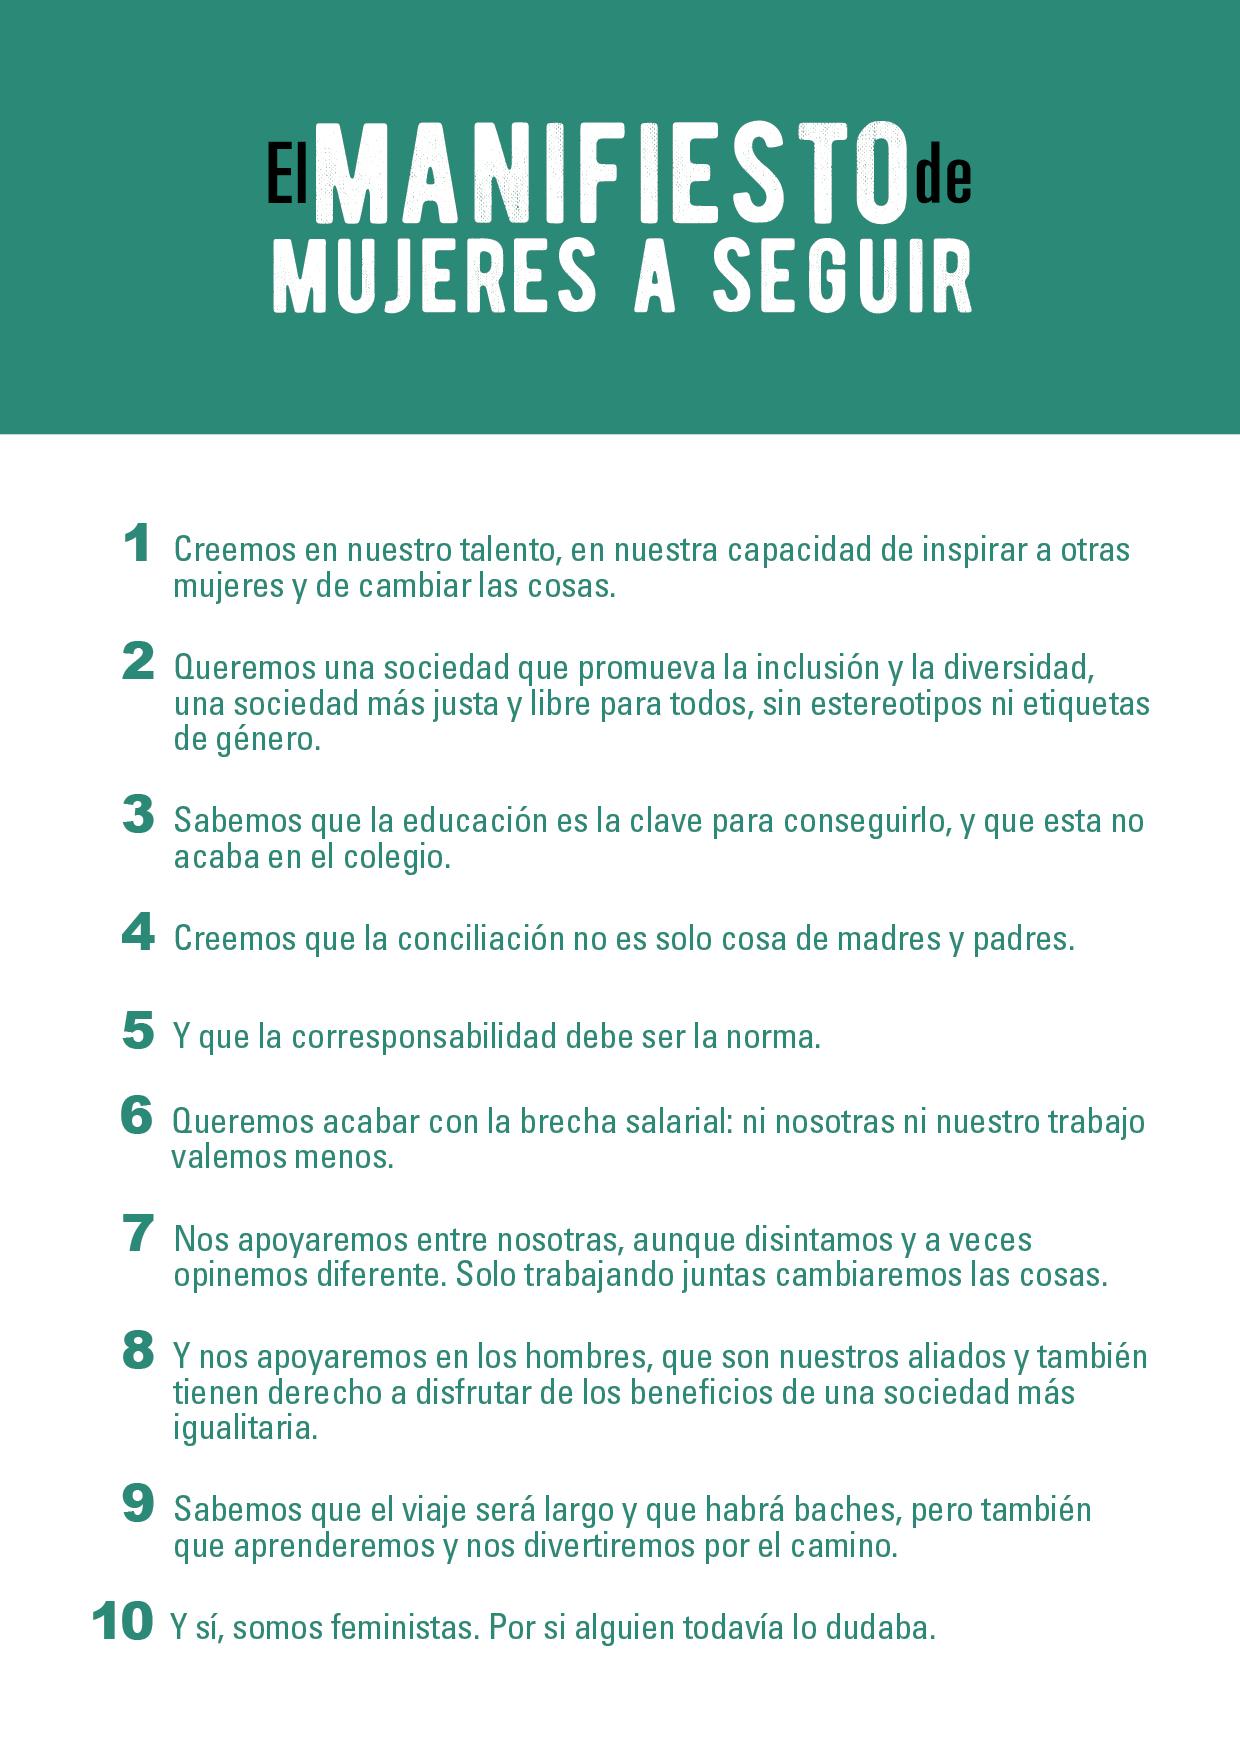 Manifiesto de Mujeres a Seguir